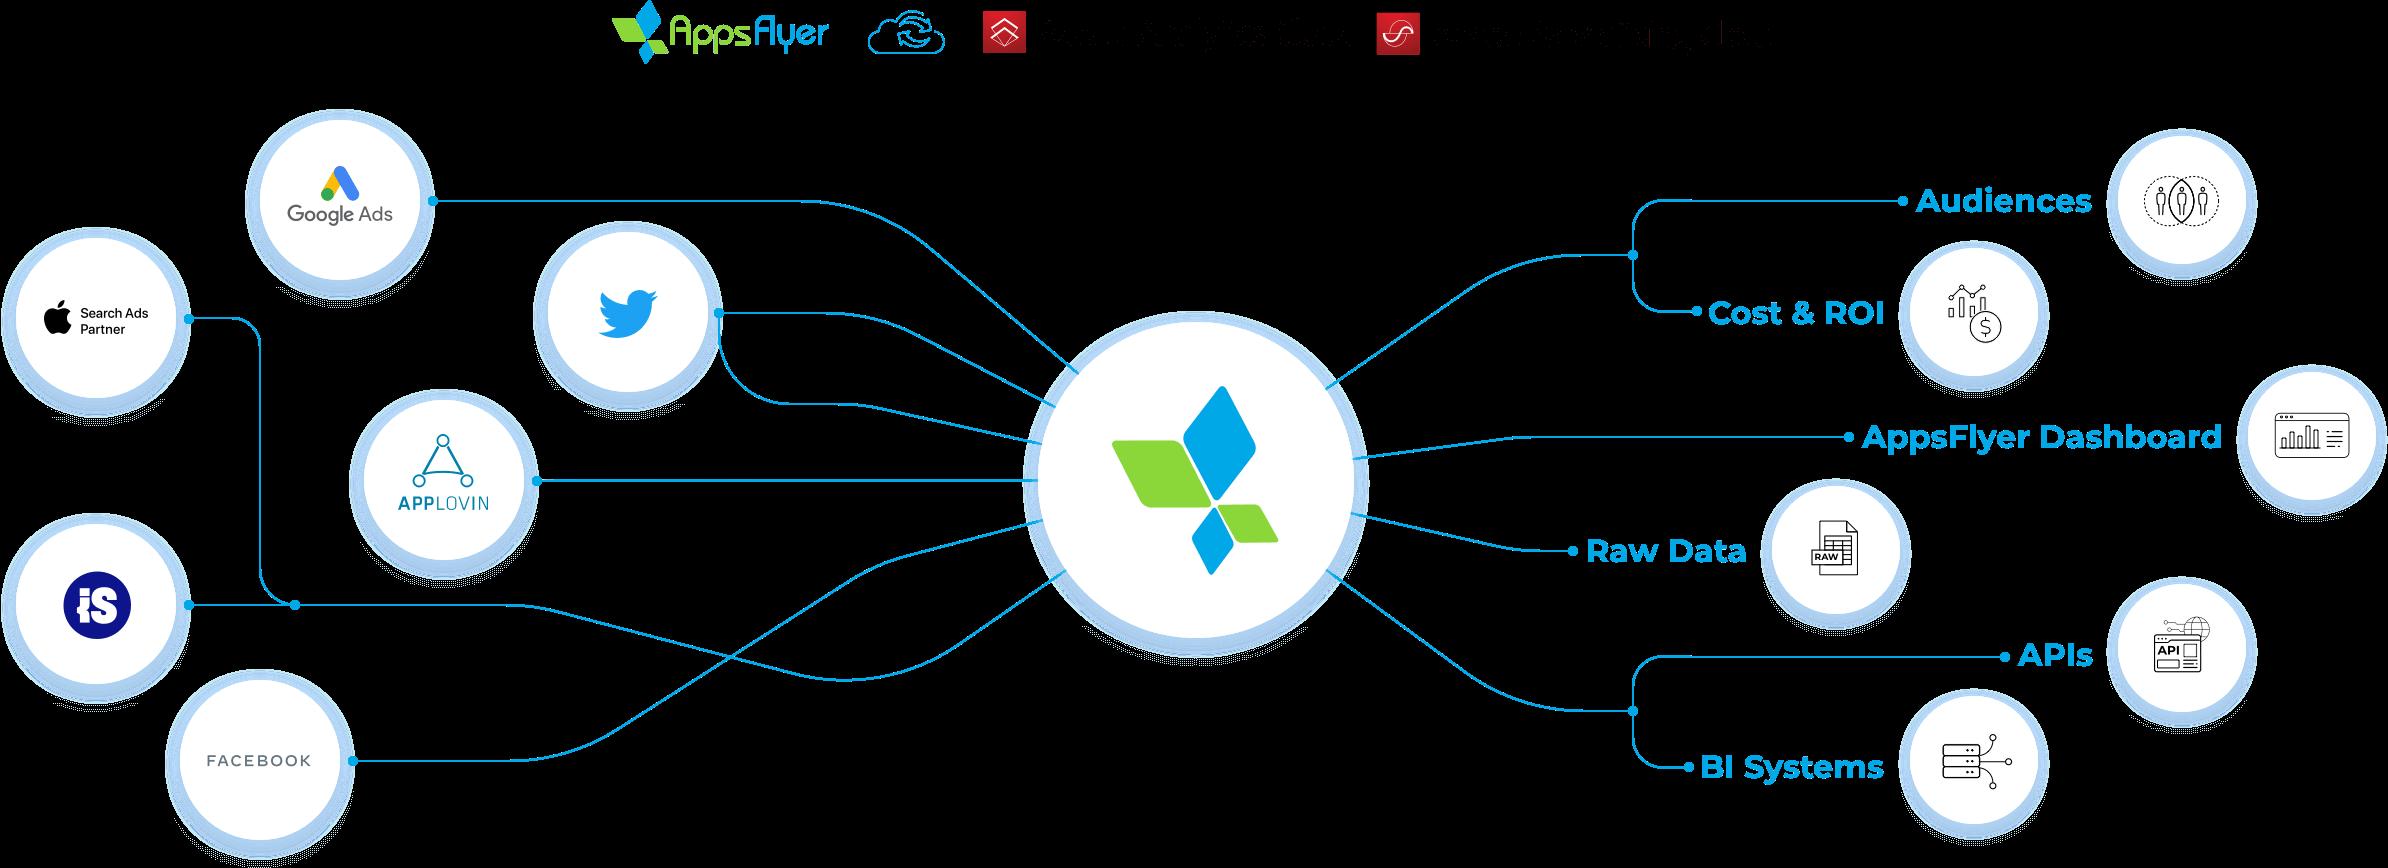 Integraciones con socios - AppsFlyer